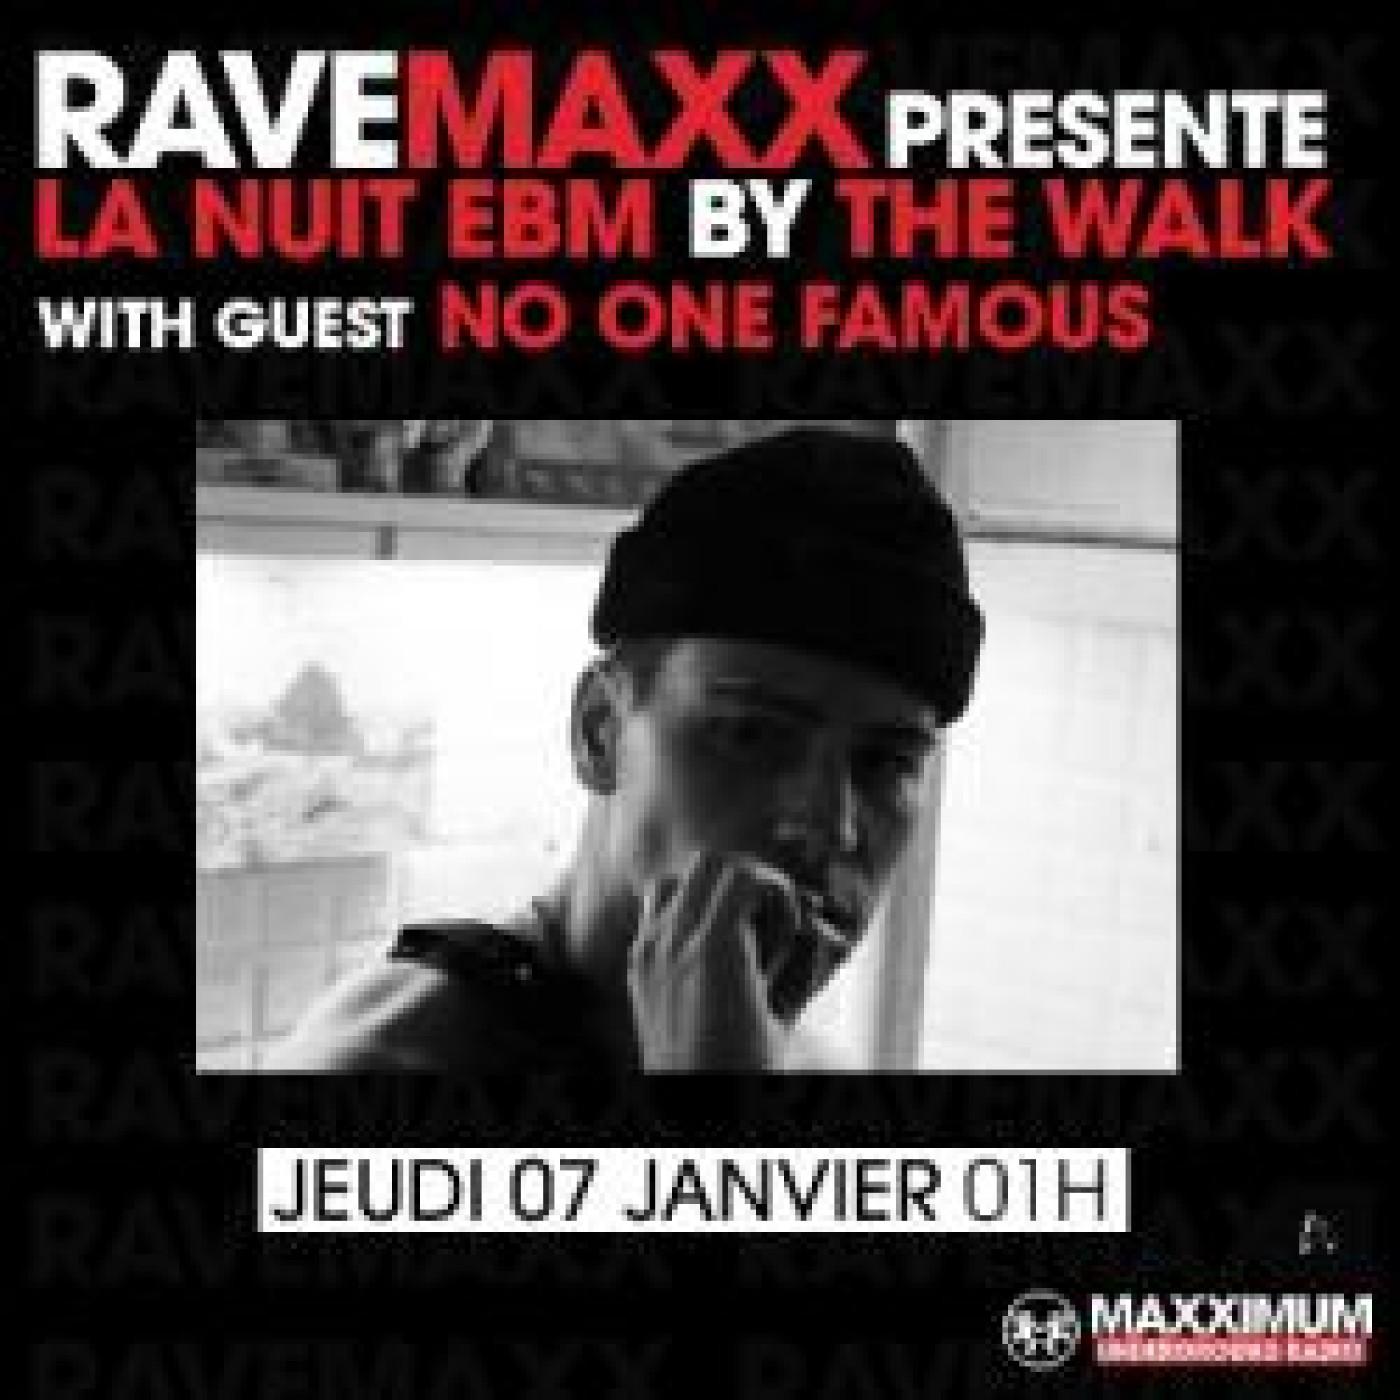 RAVEMAXX : NO ONE FAMOUS